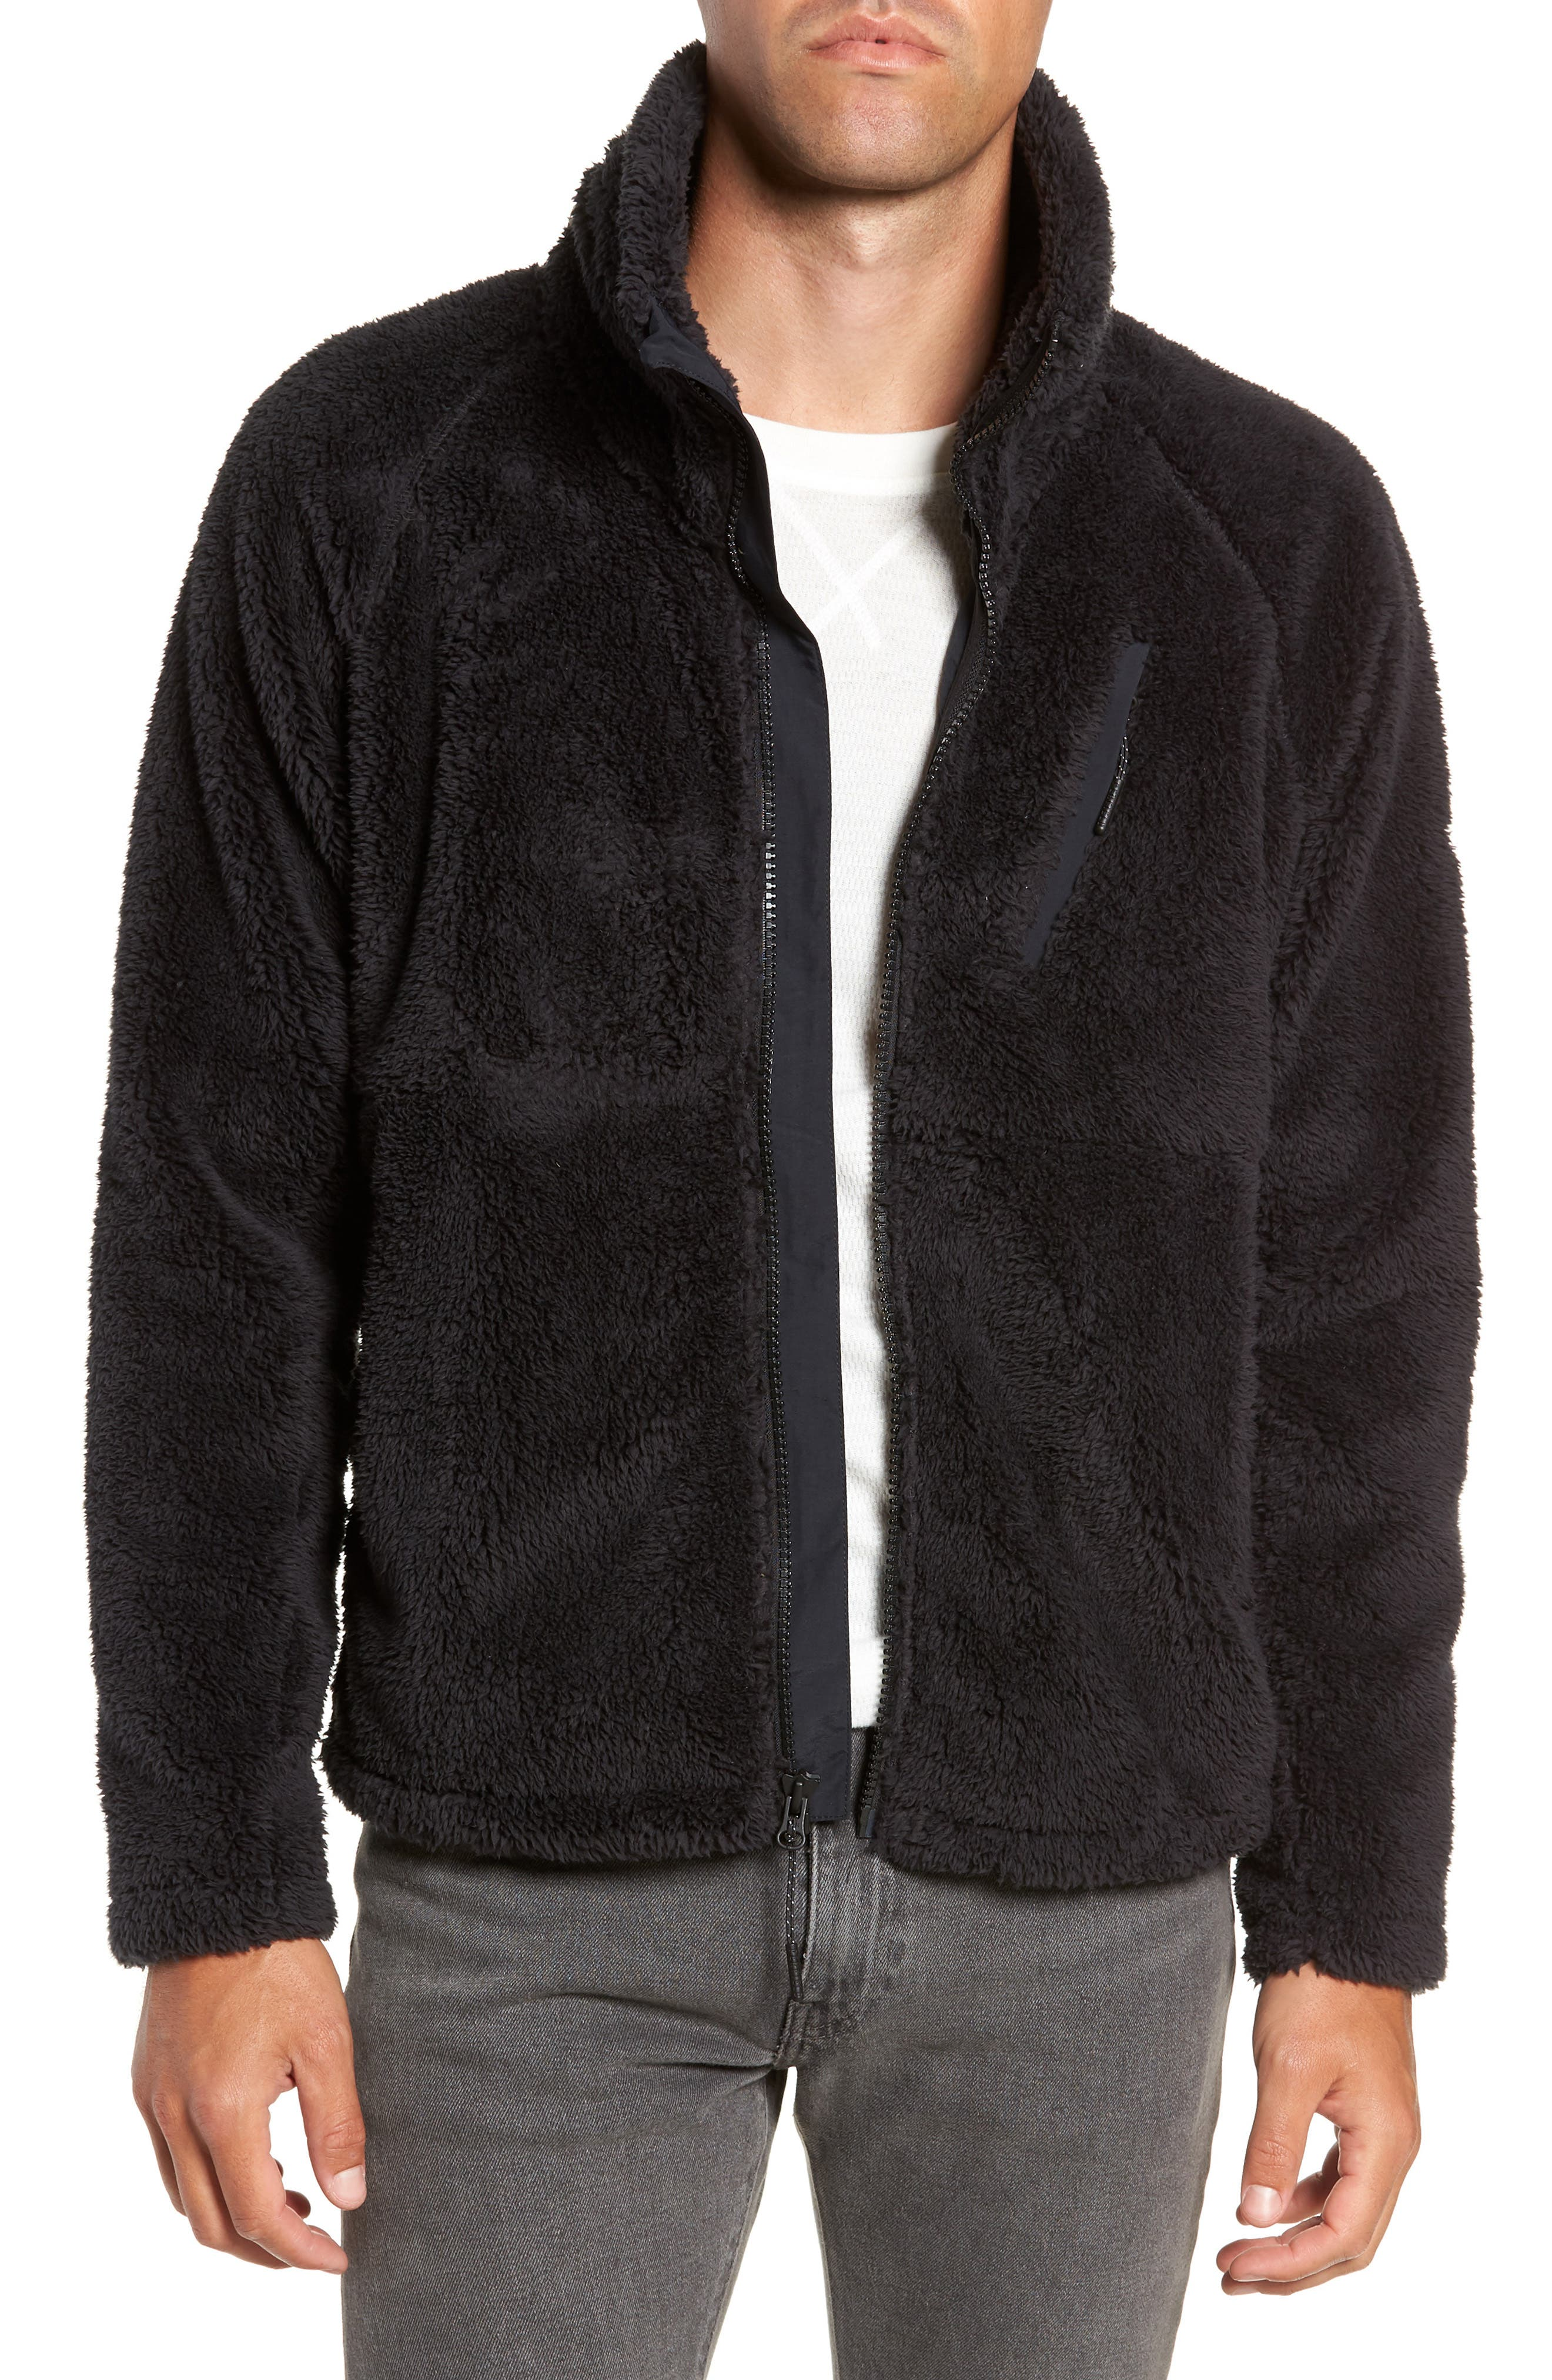 Breakheart Zip Fleece Jacket,                             Main thumbnail 1, color,                             001